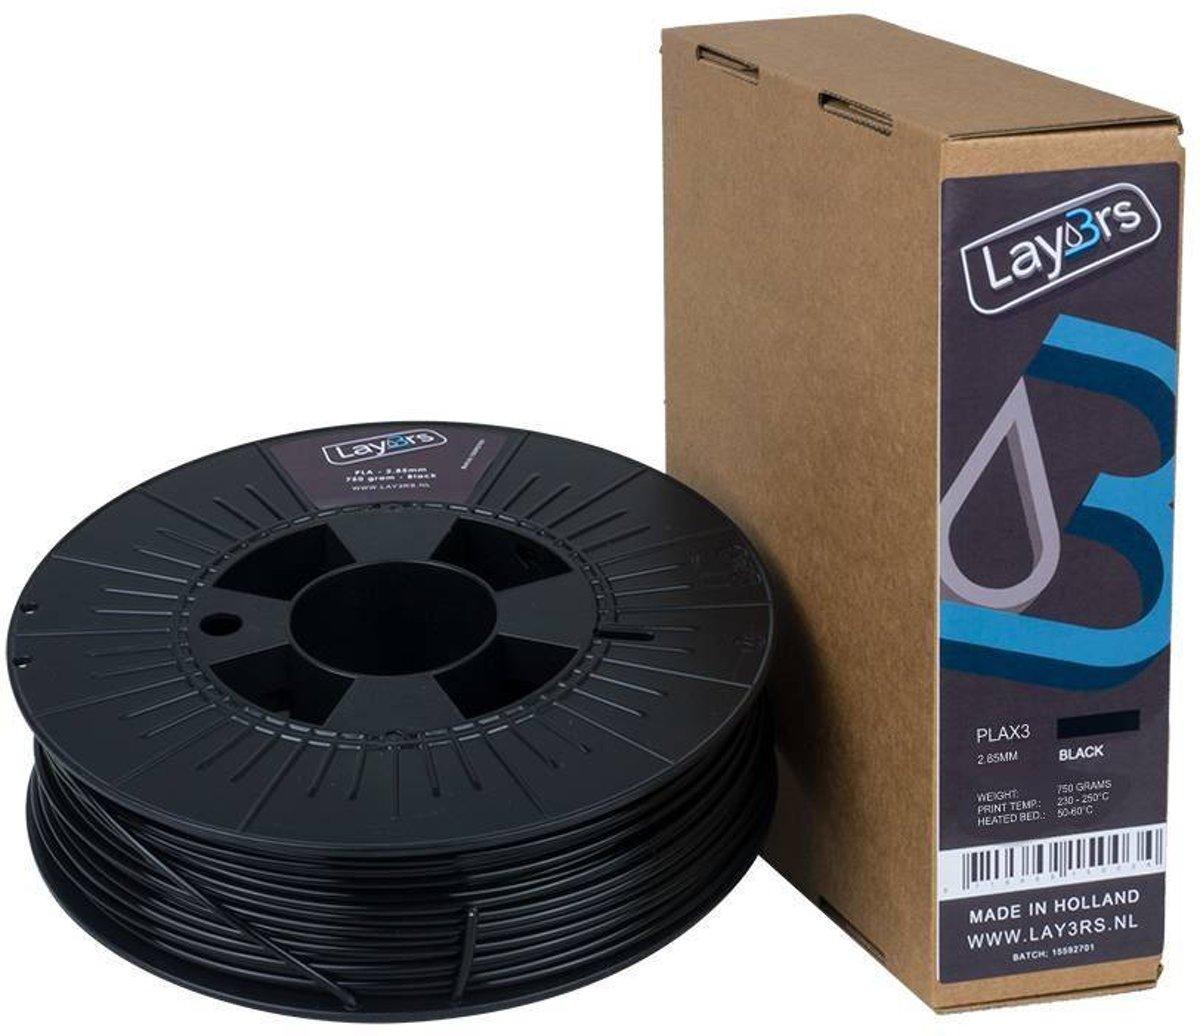 Lay3rs PLA X3 Black - 2.85 mm